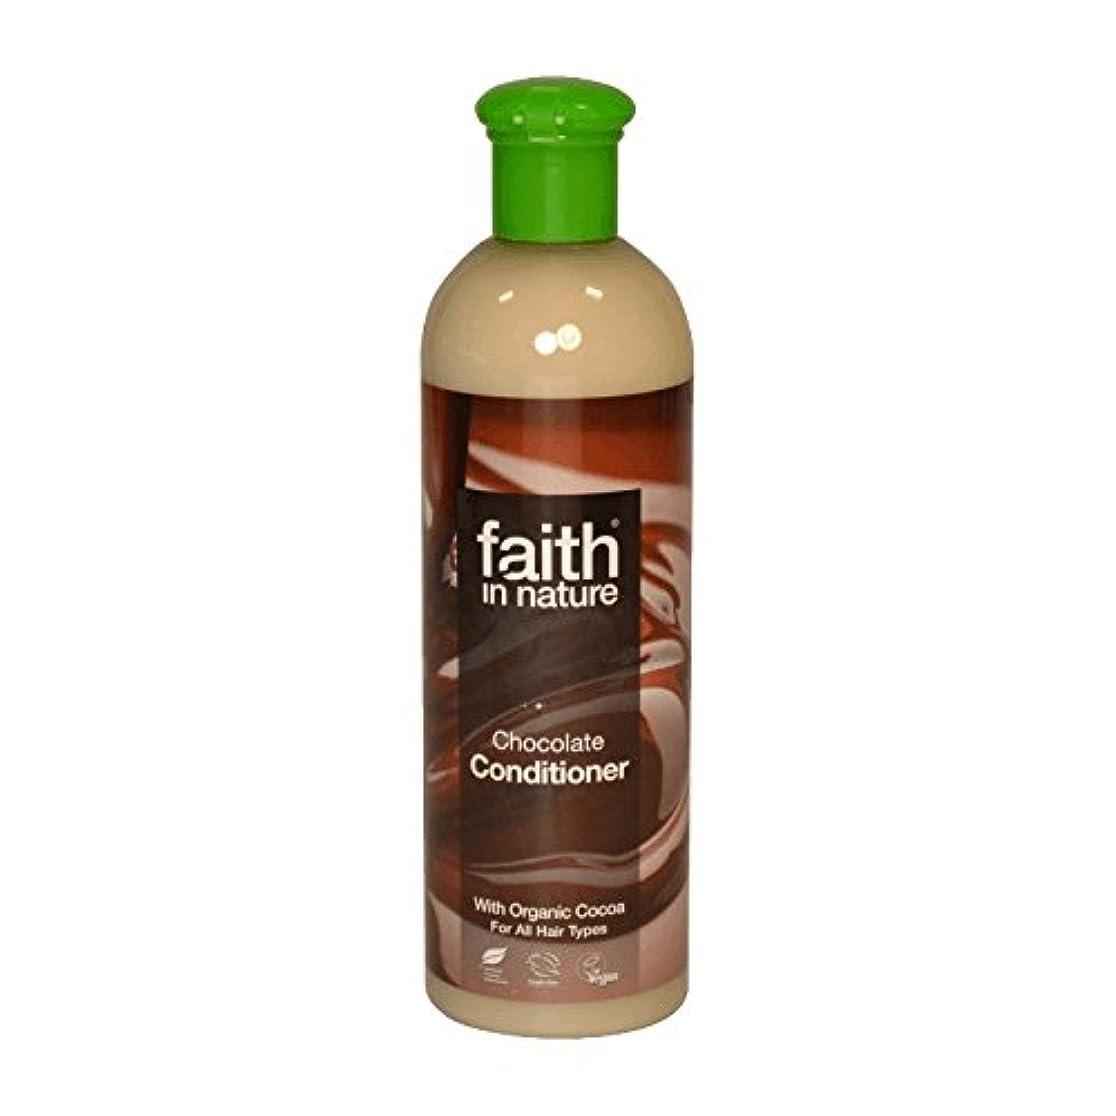 ピクニックセマフォ写真のFaith In Nature Chocolate Conditioner 400ml (Pack of 2) - 自然チョコレートコンディショナー400ミリリットルの信仰 (x2) [並行輸入品]